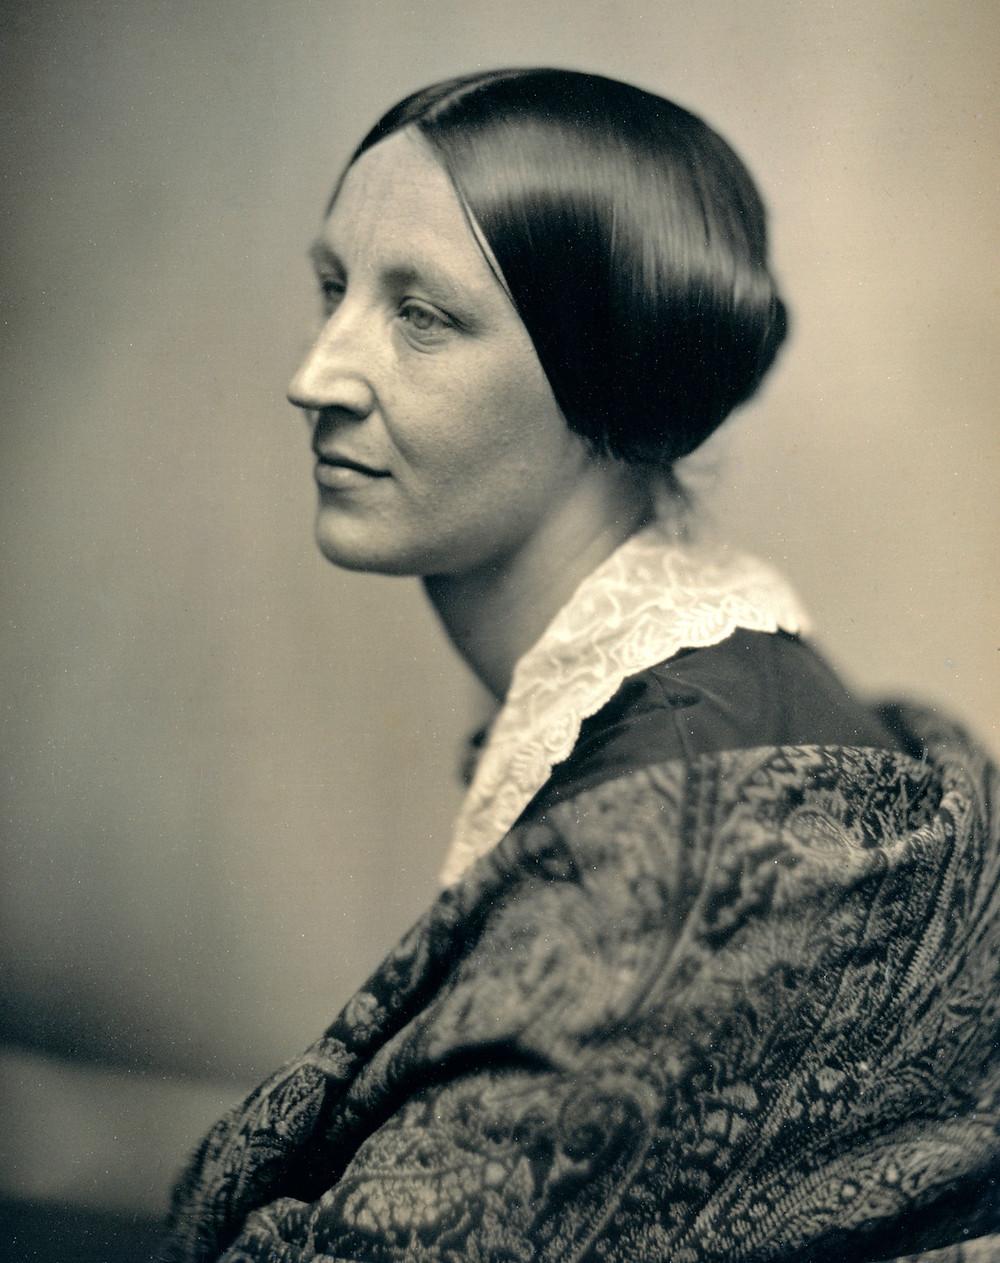 銀版攝影法拍攝的婦女肖像